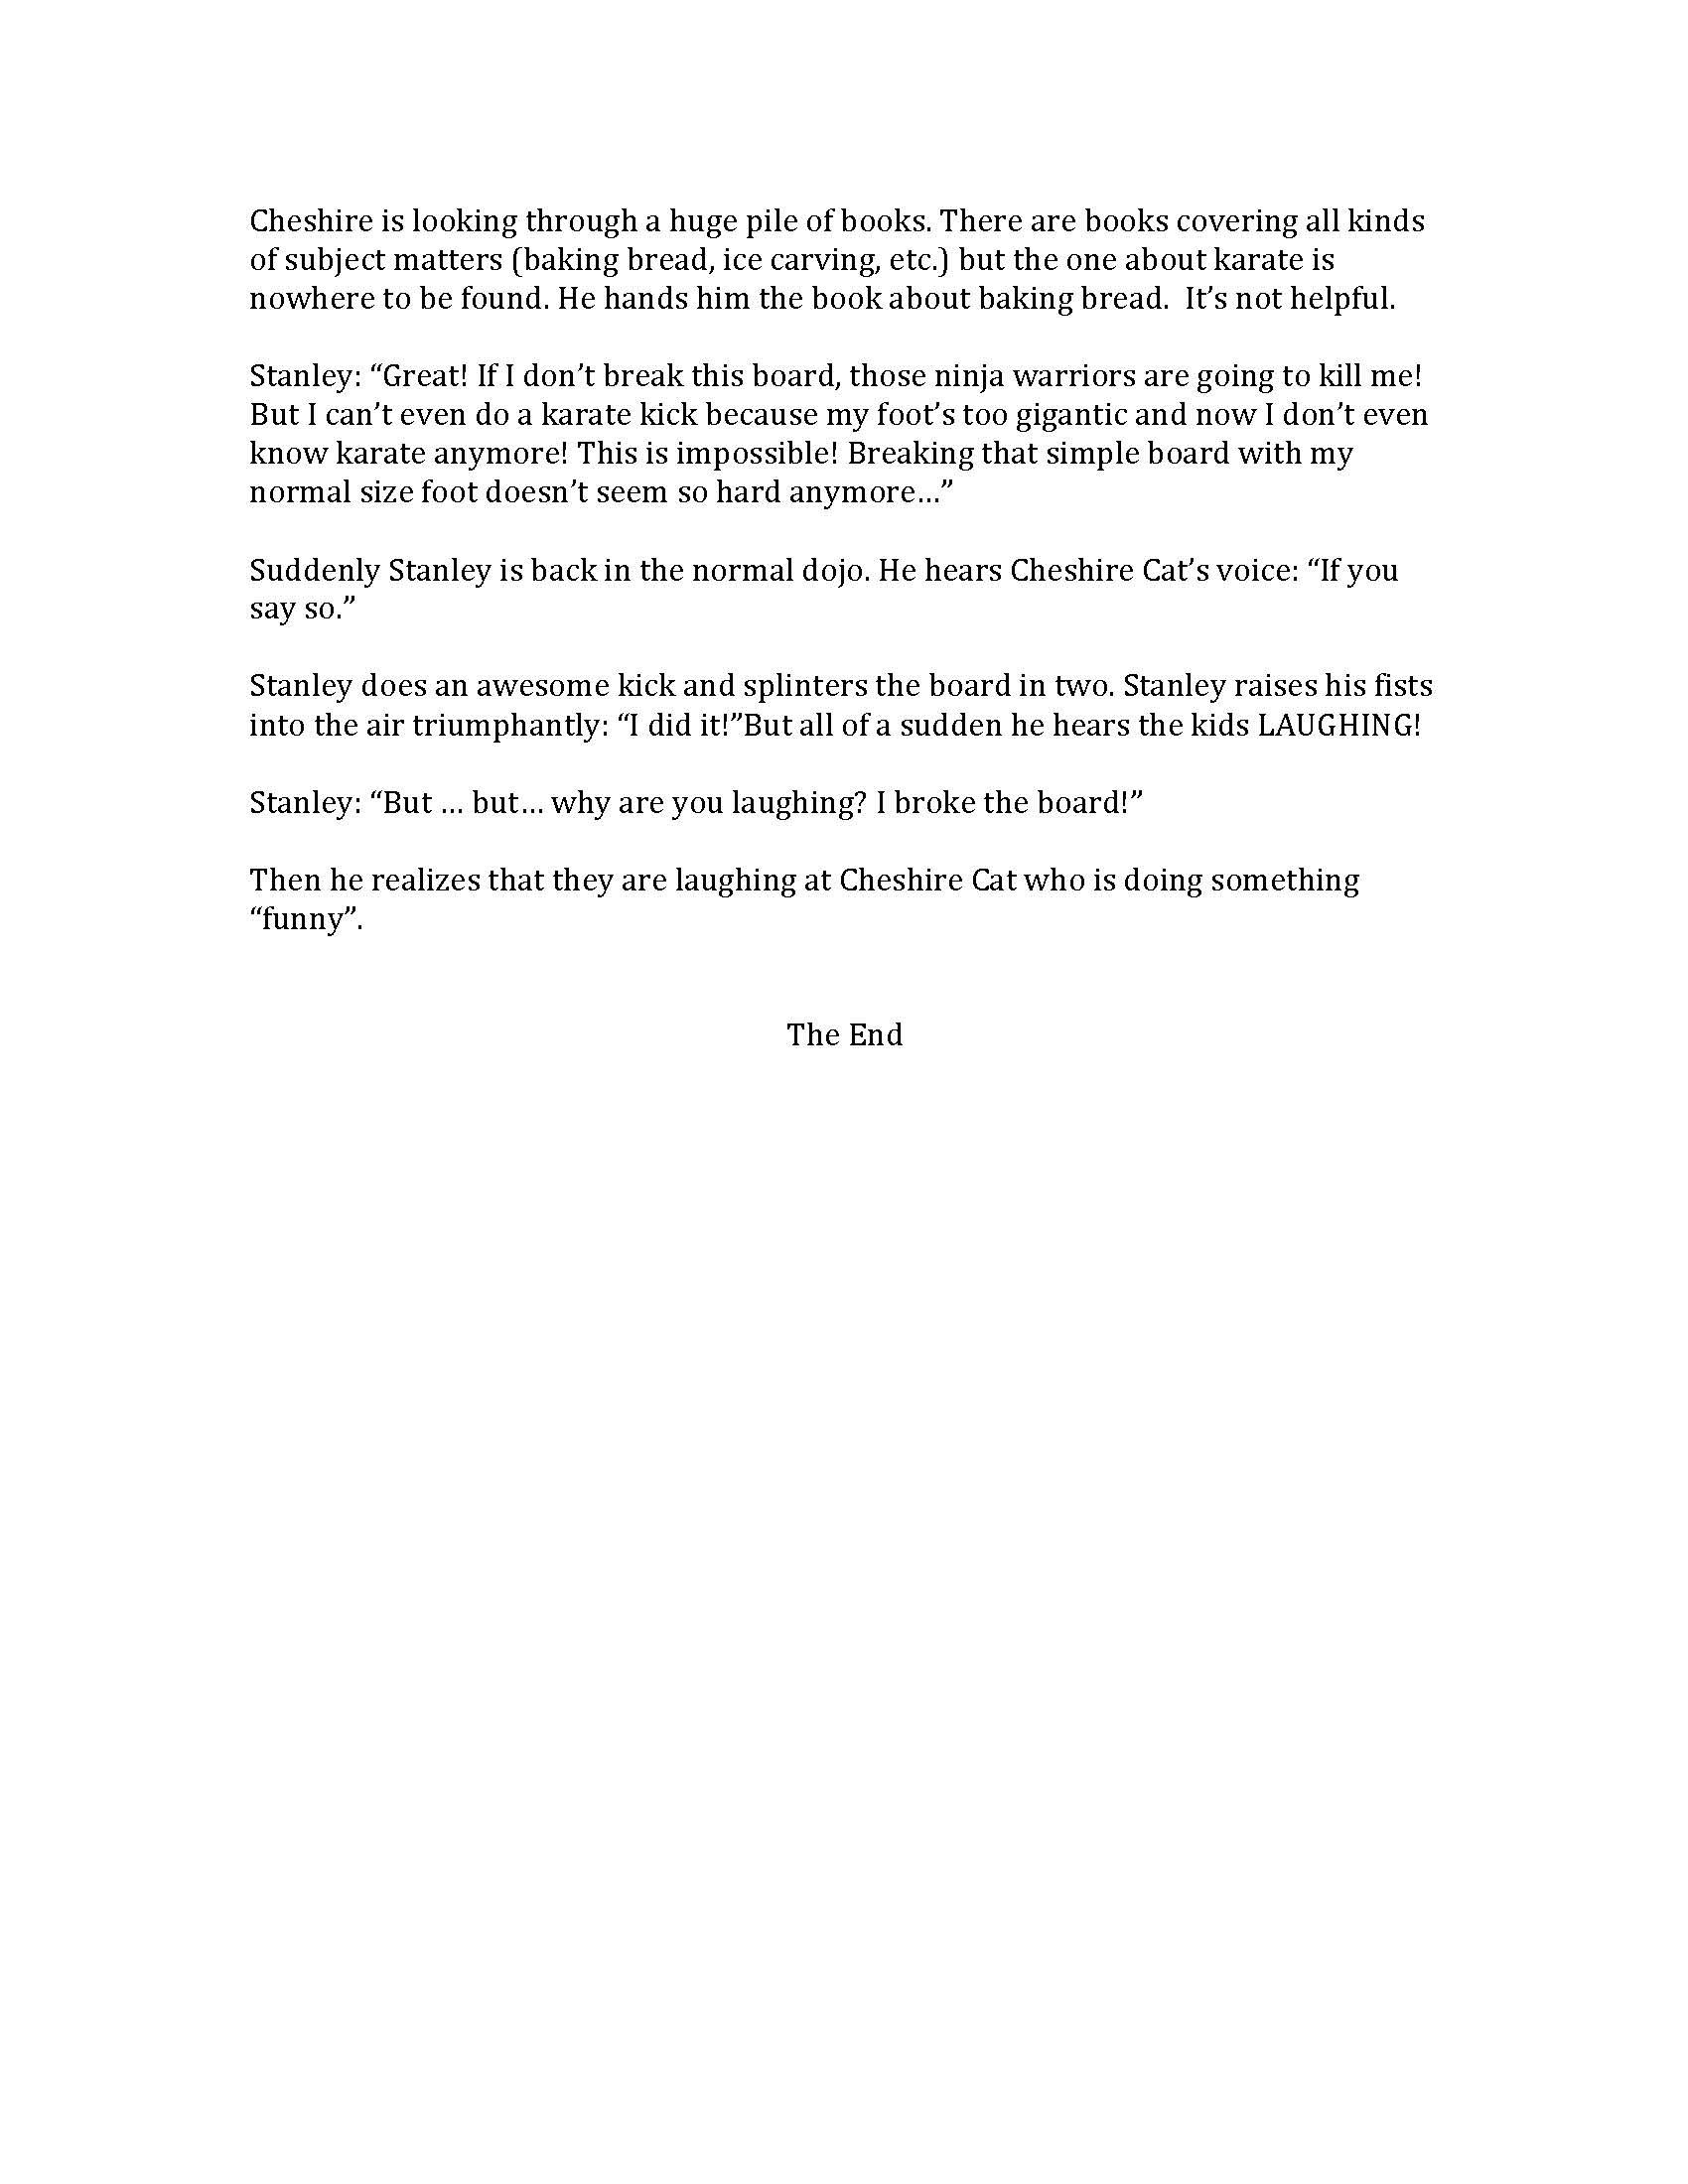 CheshireCat_CheshireChop_Page_2.jpg